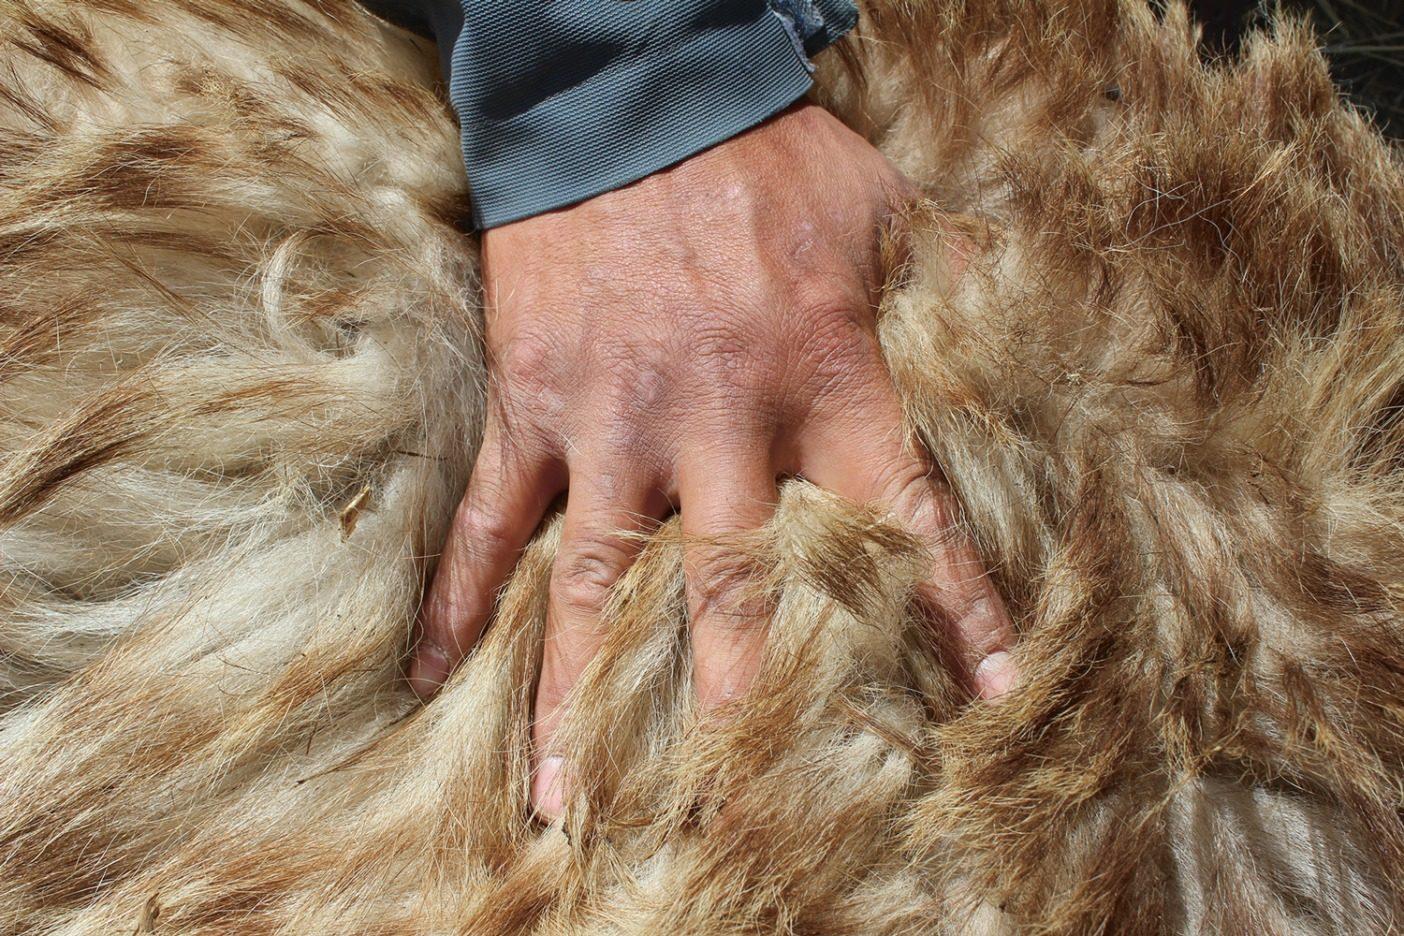 マザーライはゴビ砂漠の岩に覆われた丘に穴を掘ることも、粗食のために体を温かく保つ機能の脂肪を蓄えることもできない。その機能を太い上毛と密生した下毛に頼る彼らは、寒い冬のあいだ部分的に露出せざるを得ない洞穴で冬眠することもめずらしくない。Photo: Doug Chadwick